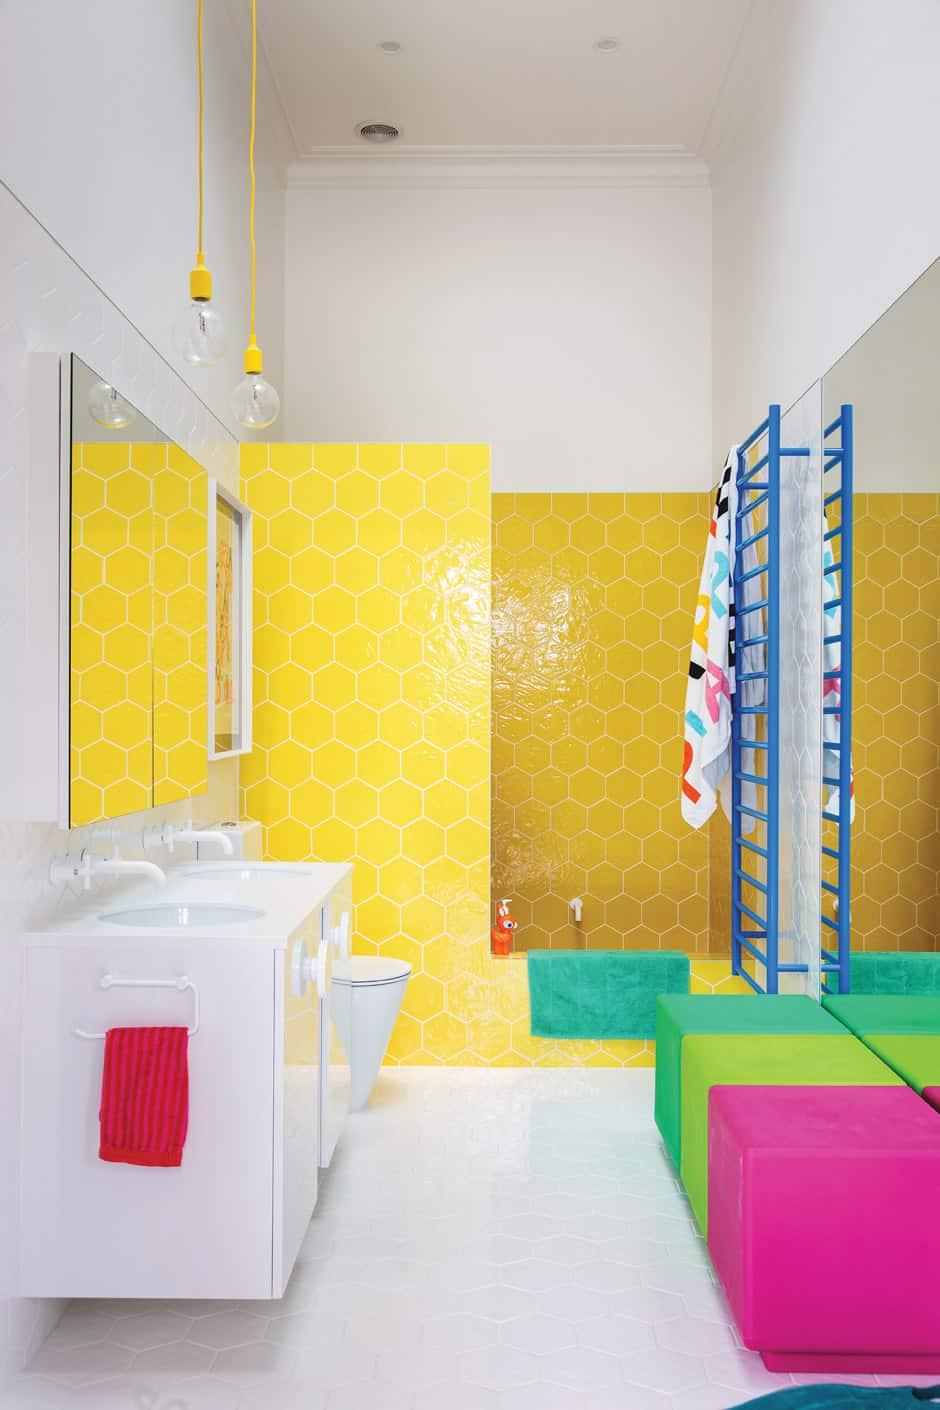 alex_fulton_bathroom_homestyle_6